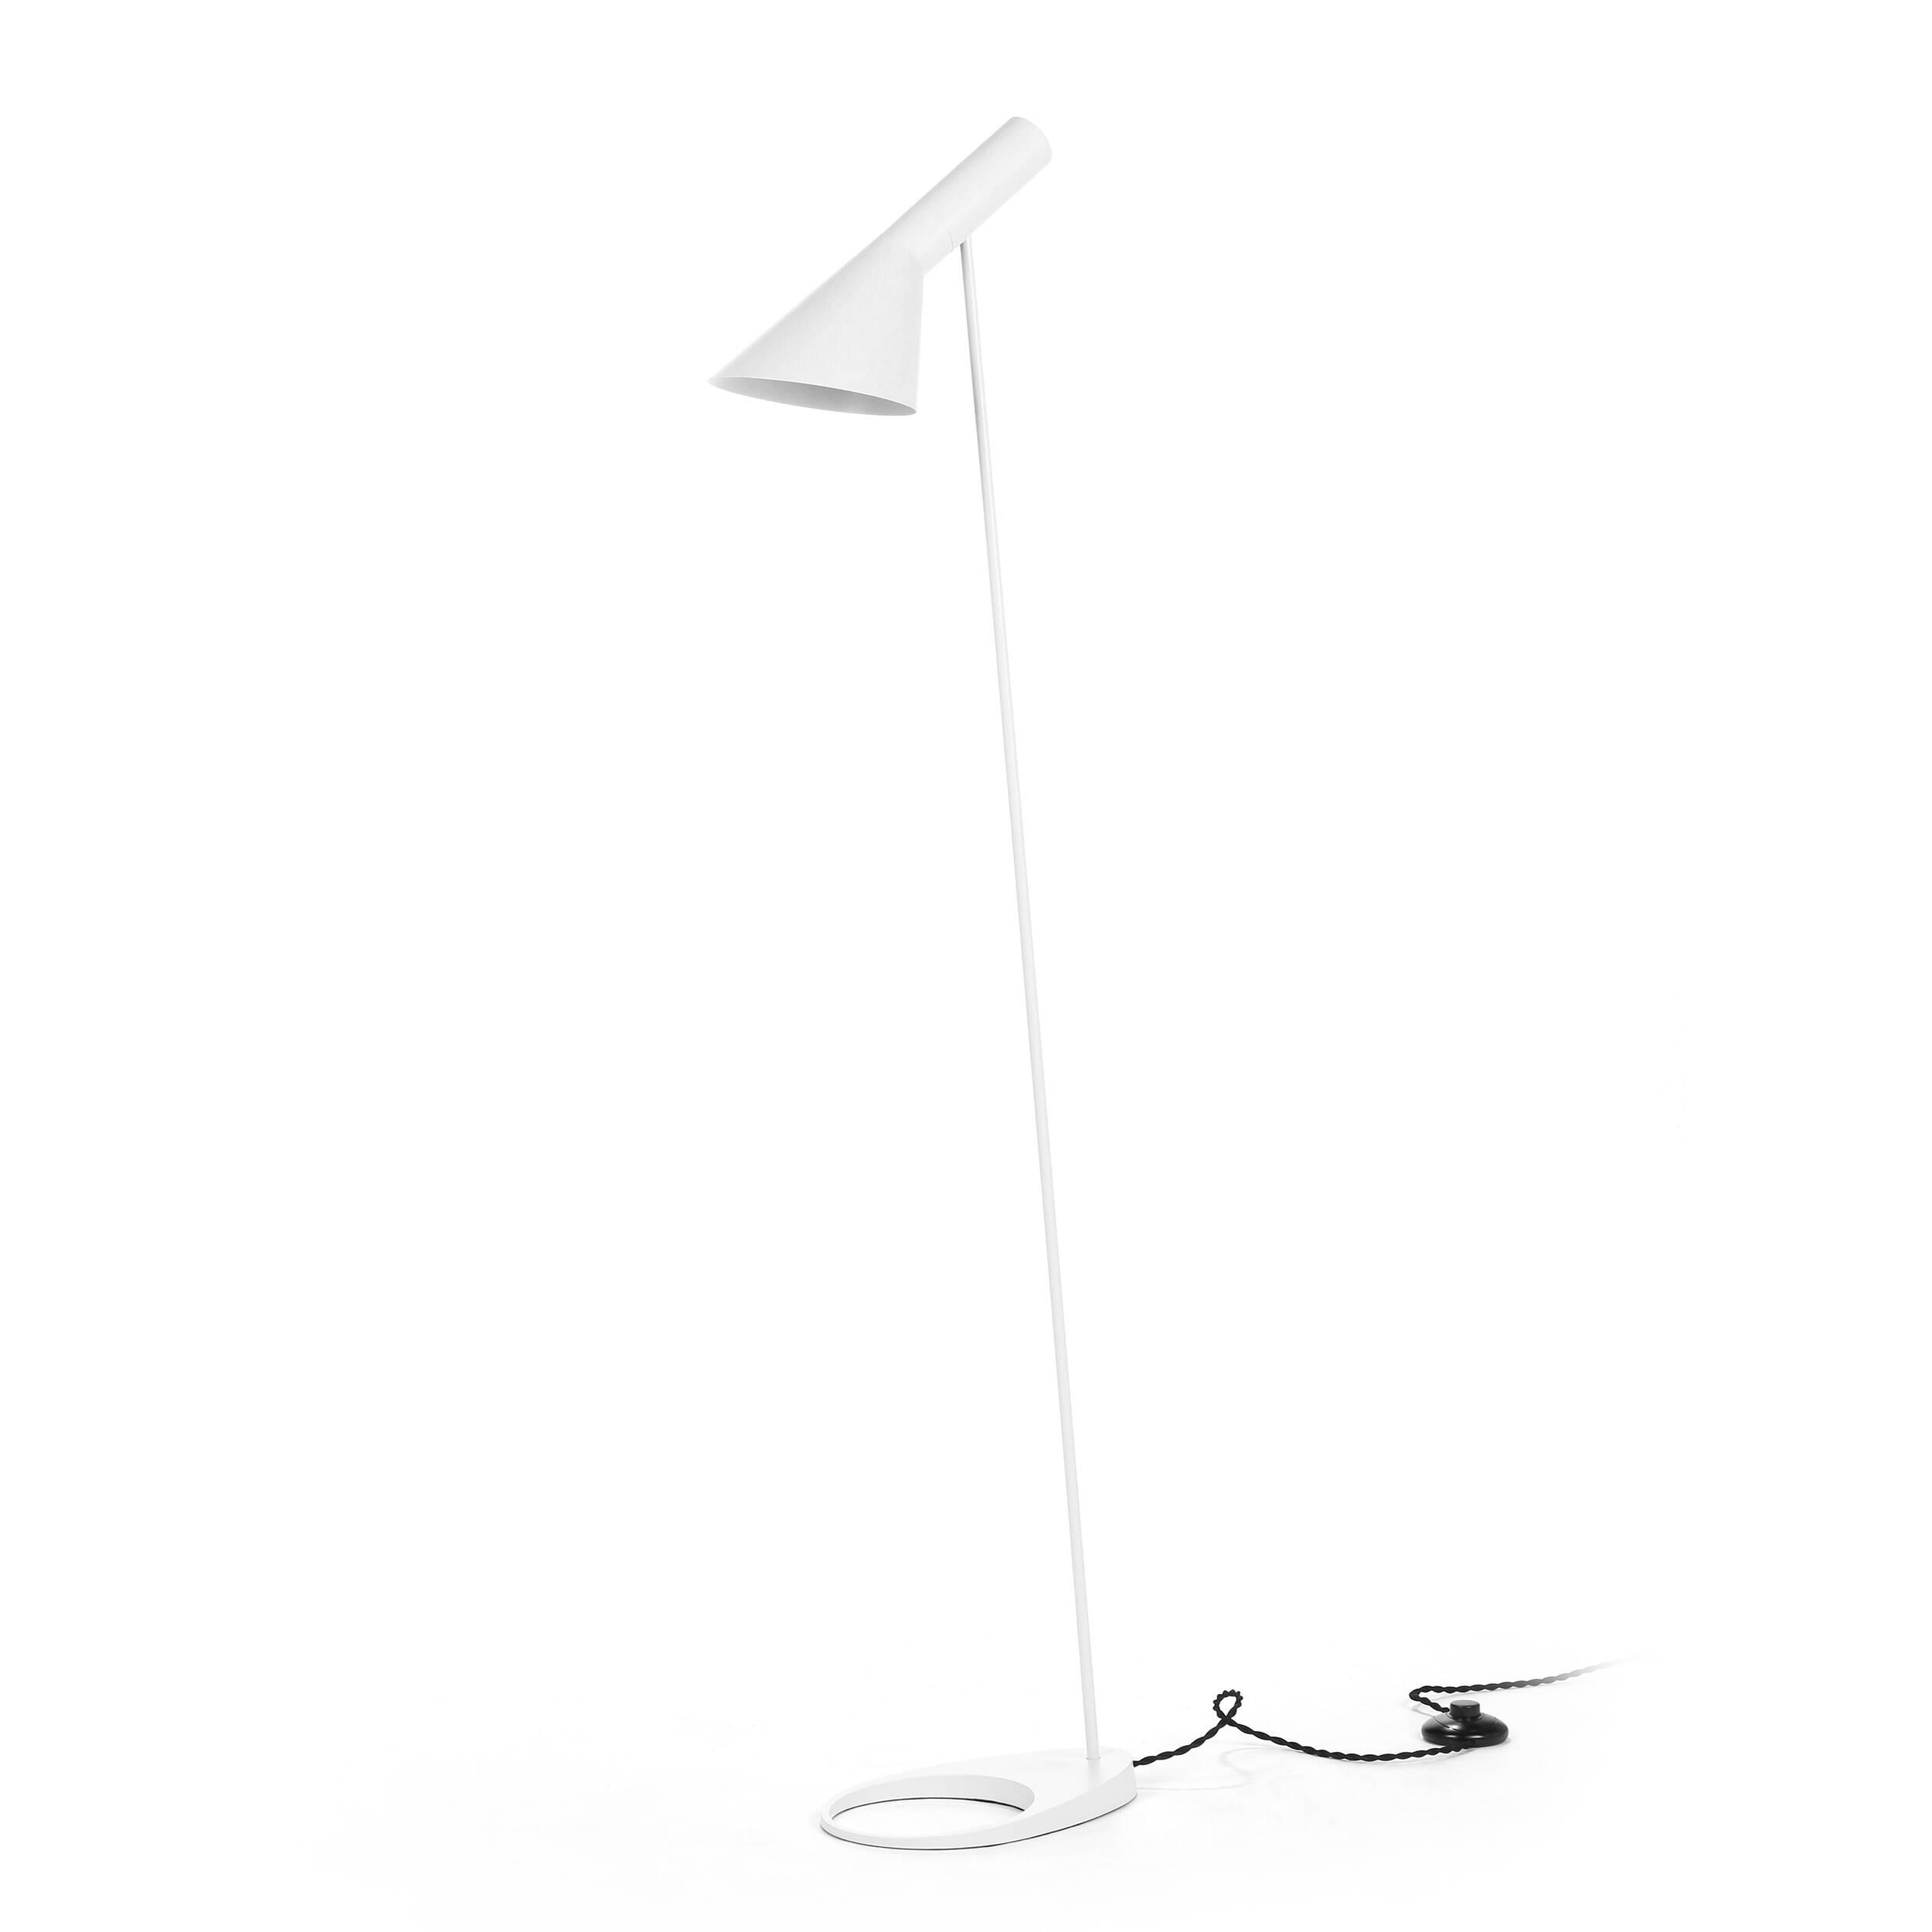 Напольный светильник AJ 2Напольные<br>Датский архитектор Арне Якобсен, чьи проекты получили мировое признание, в середине прошлого века стал разрабатывать предметы интерьера. Основное направление его деятельности — стиль хай-тек.<br><br><br> Замечательное творение автора — это напольный светильник AJ 2. Тонкая длинная ножка позволяет устанавливать его в гостиных и столовых, в спальнях и детских комнатах. Небольшая плоская основа надежно удерживает общую конструкцию и не позволяет светильнику опрокинуться. Светильник может занять с...<br><br>stock: 2<br>Высота: 130<br>Ширина: 27.5<br>Количество ламп: 1<br>Материал абажура: Металл<br>Мощность лампы: 60<br>Ламп в комплекте: Нет<br>Напряжение: 220-240<br>Тип лампы/цоколь: E27<br>Цвет абажура: Белый<br>Цвет провода: Черный